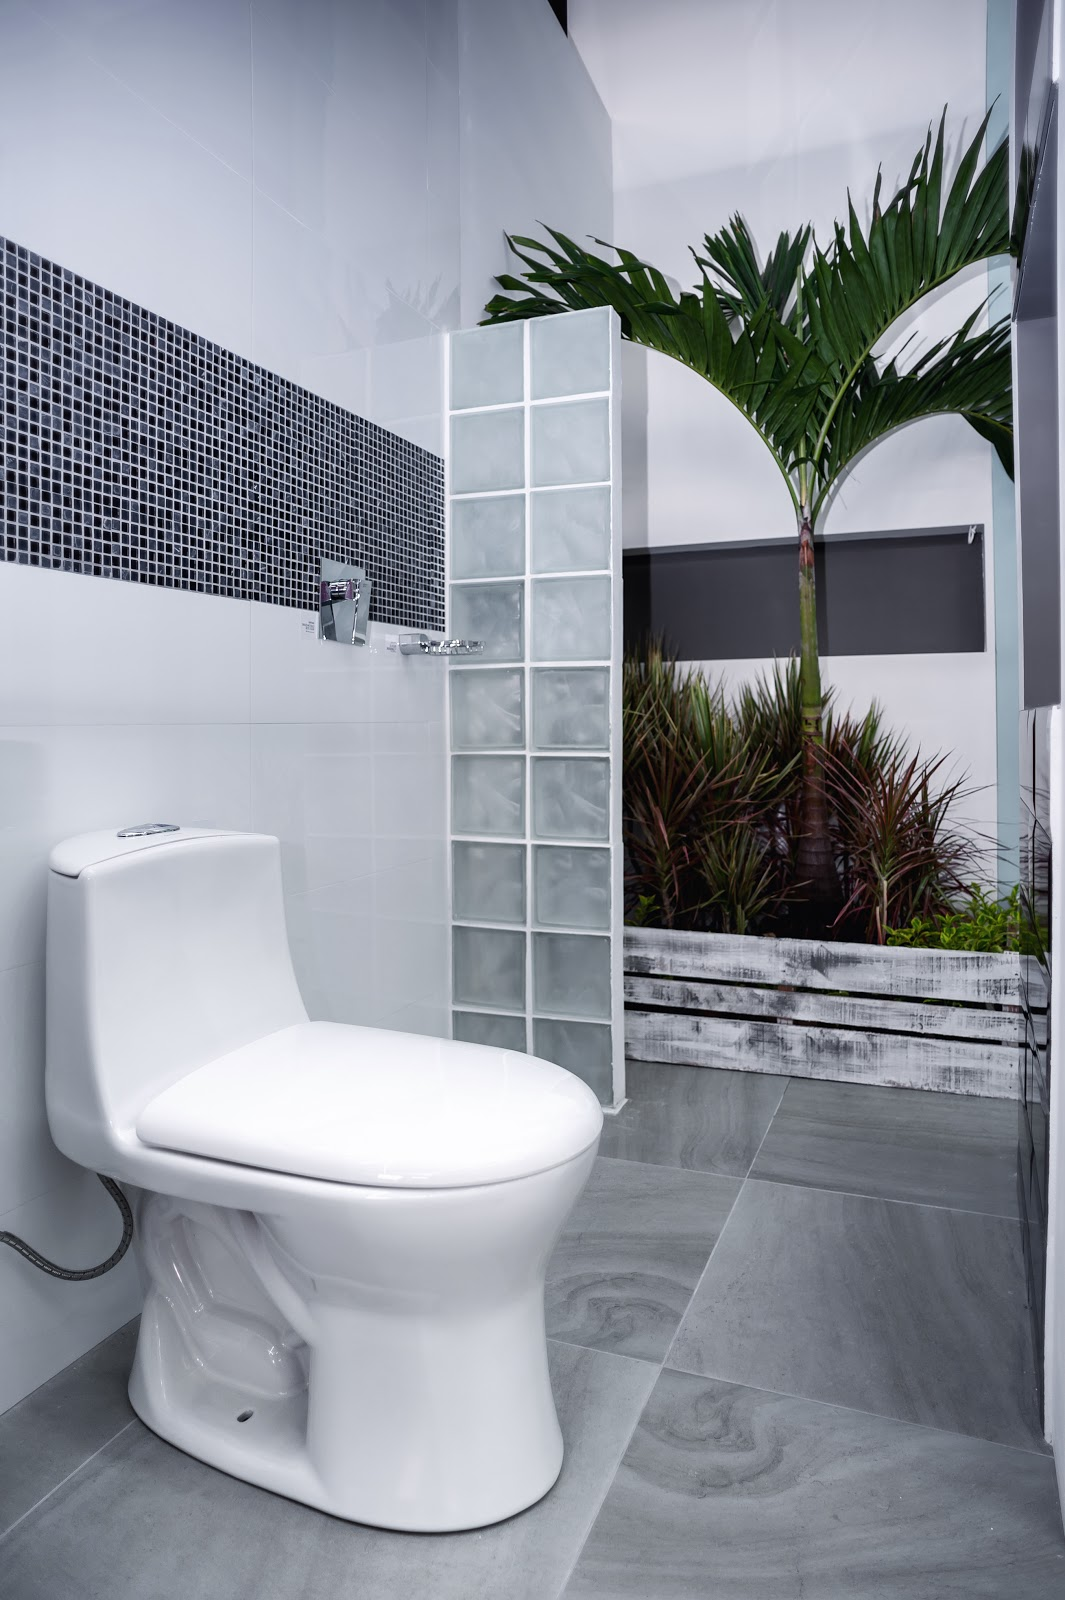 Muebles De Baño Corona: diseño de trazos sencillos sin lugares escondidos se pensó para una